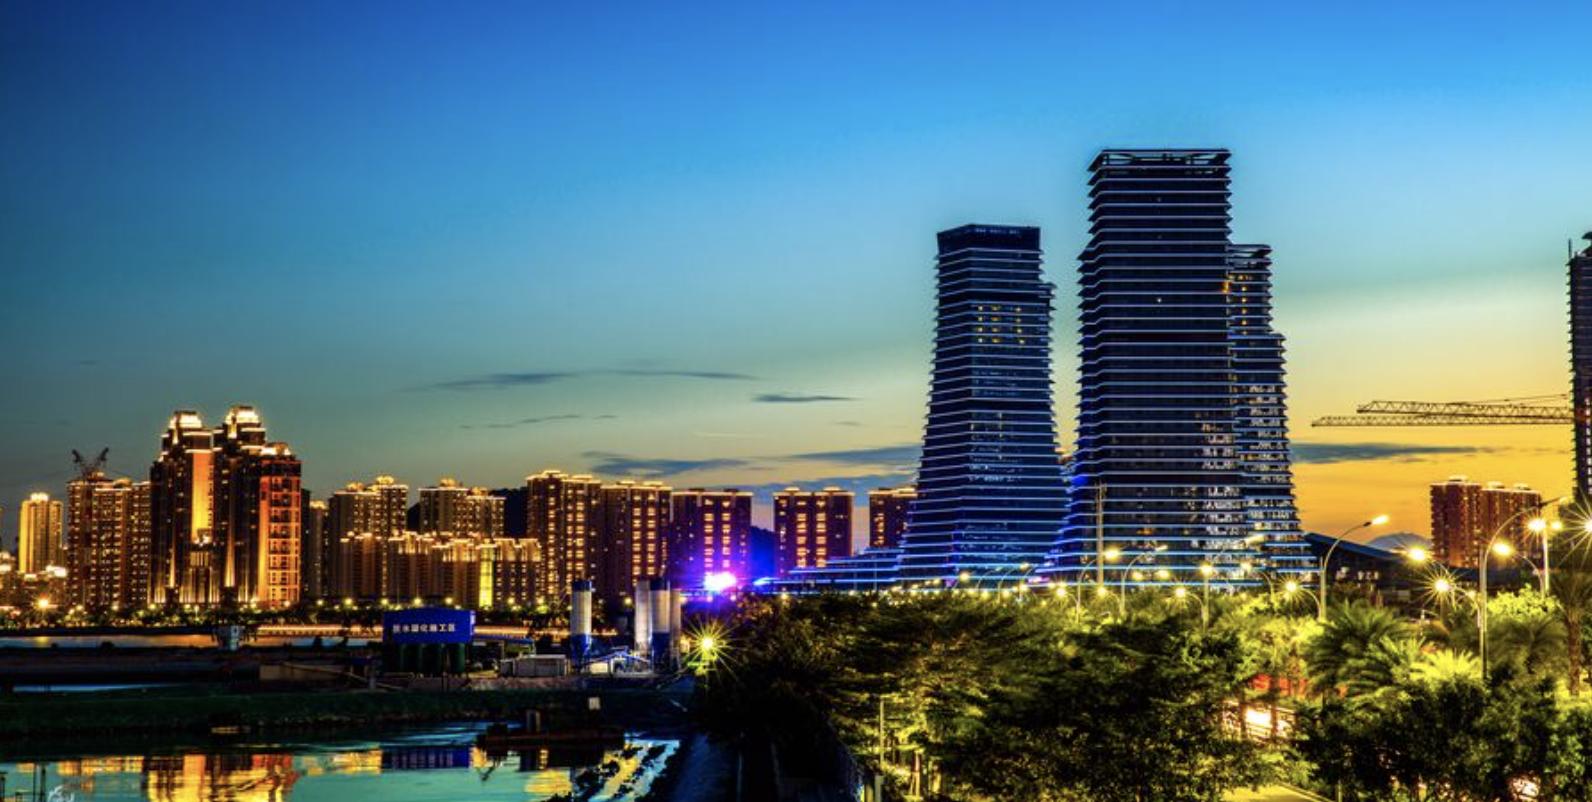 海沧集成电路产业园:着力打造具有国际影响力的集成电路园区